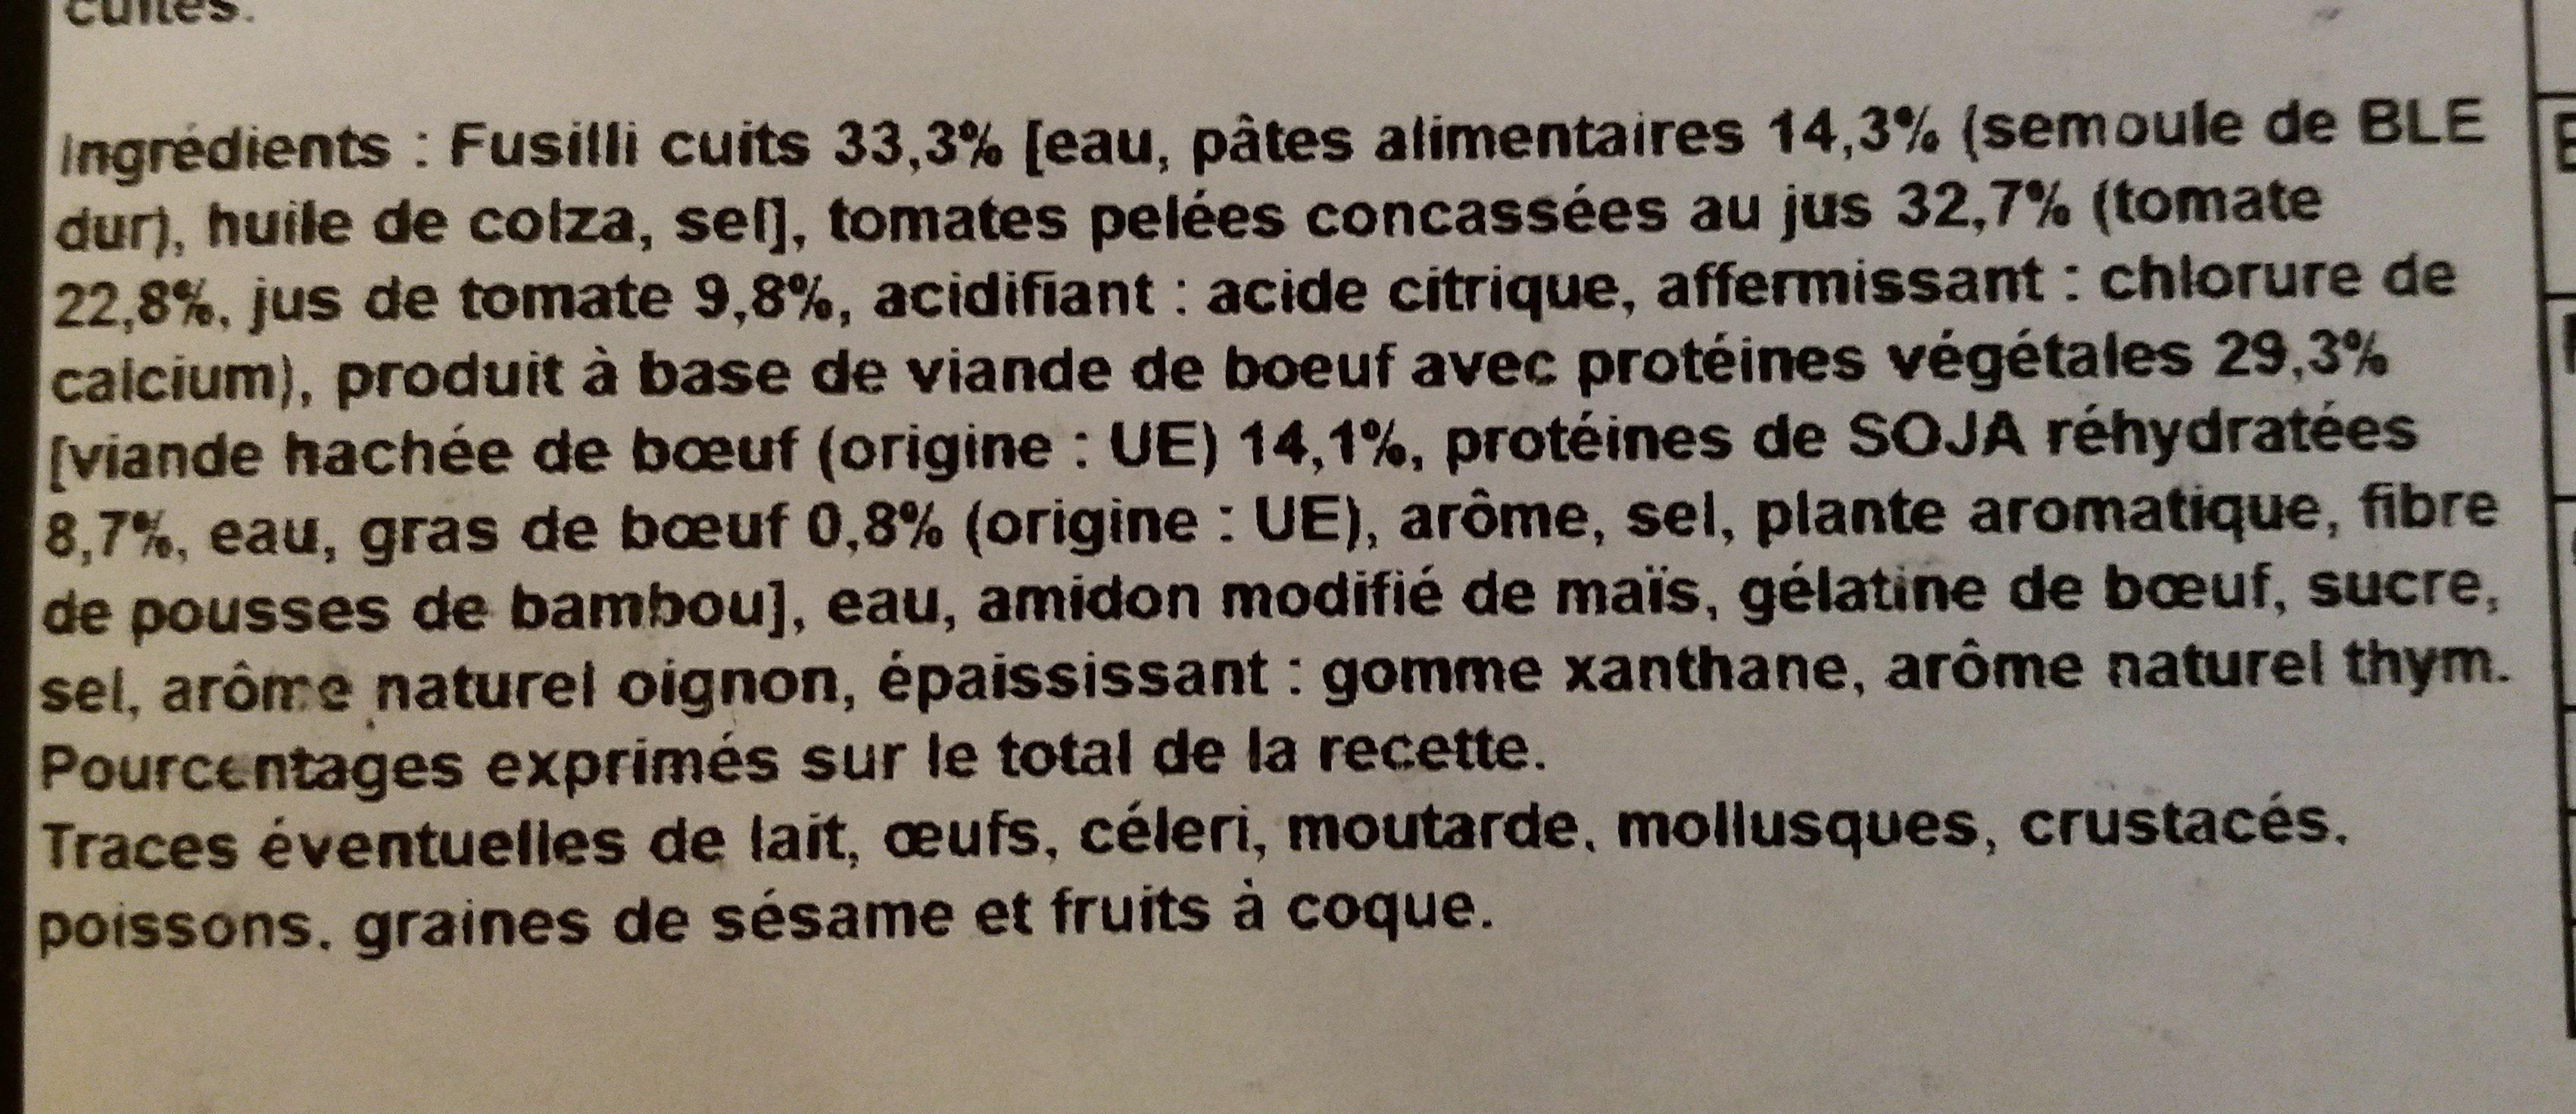 Boulettes au boeuf a la sauce tomate et fusilli - Ingredients